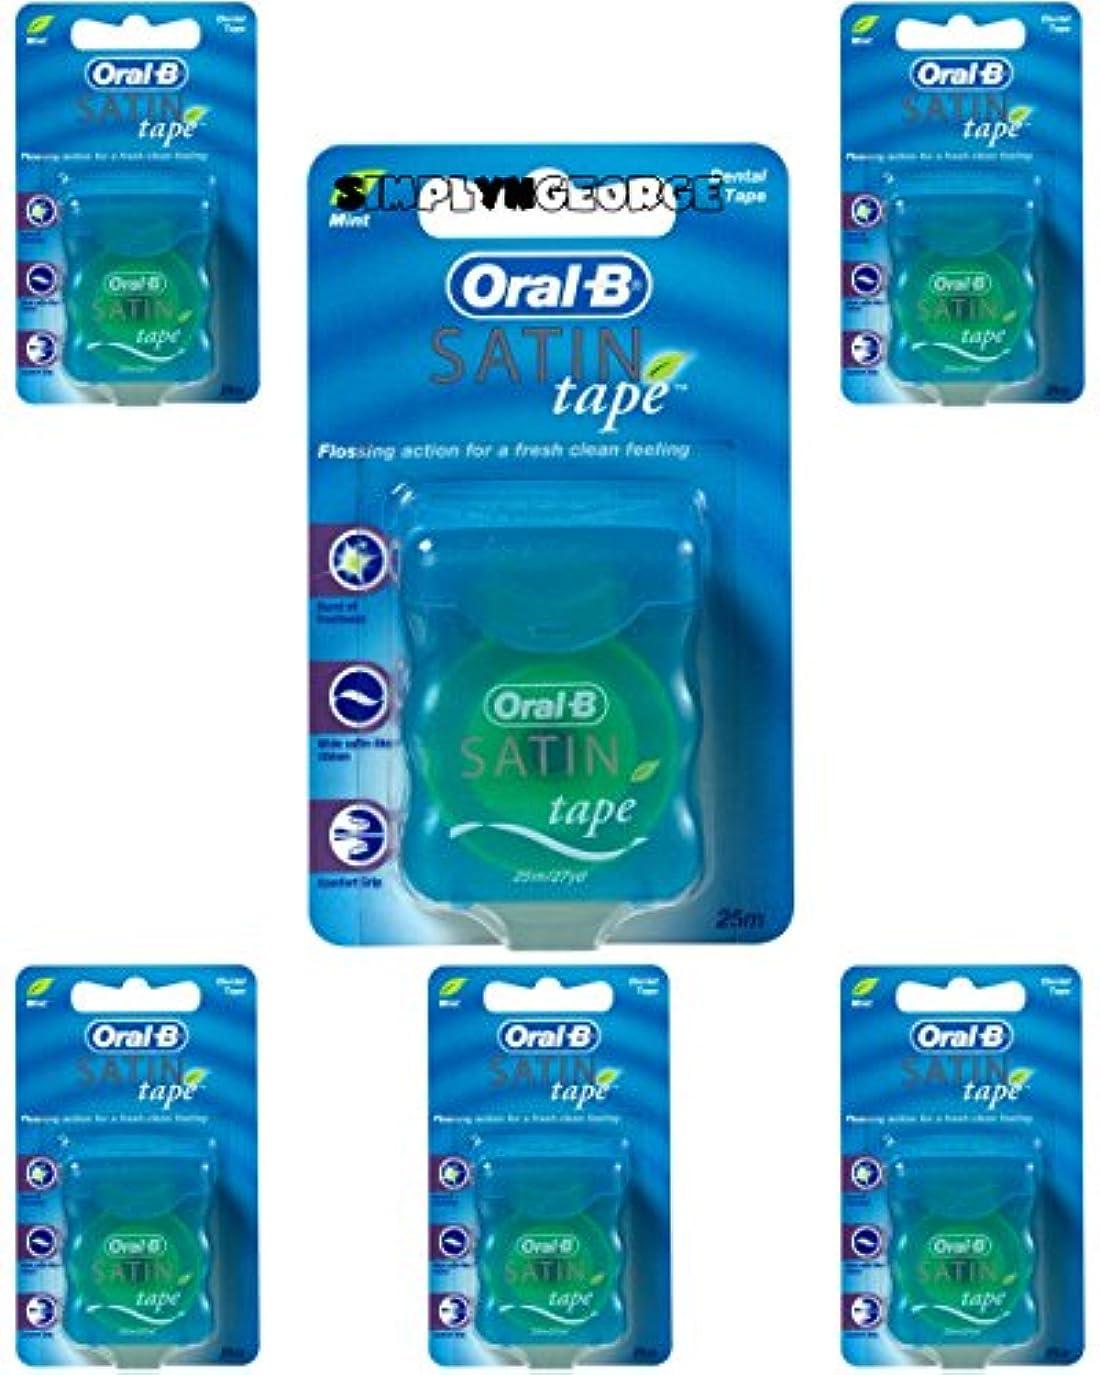 セグメントパラシュート素晴らしいですOral-B Statin Tape Dental Floss 25m (6 Units) by Oral-B Satin Tape Mint